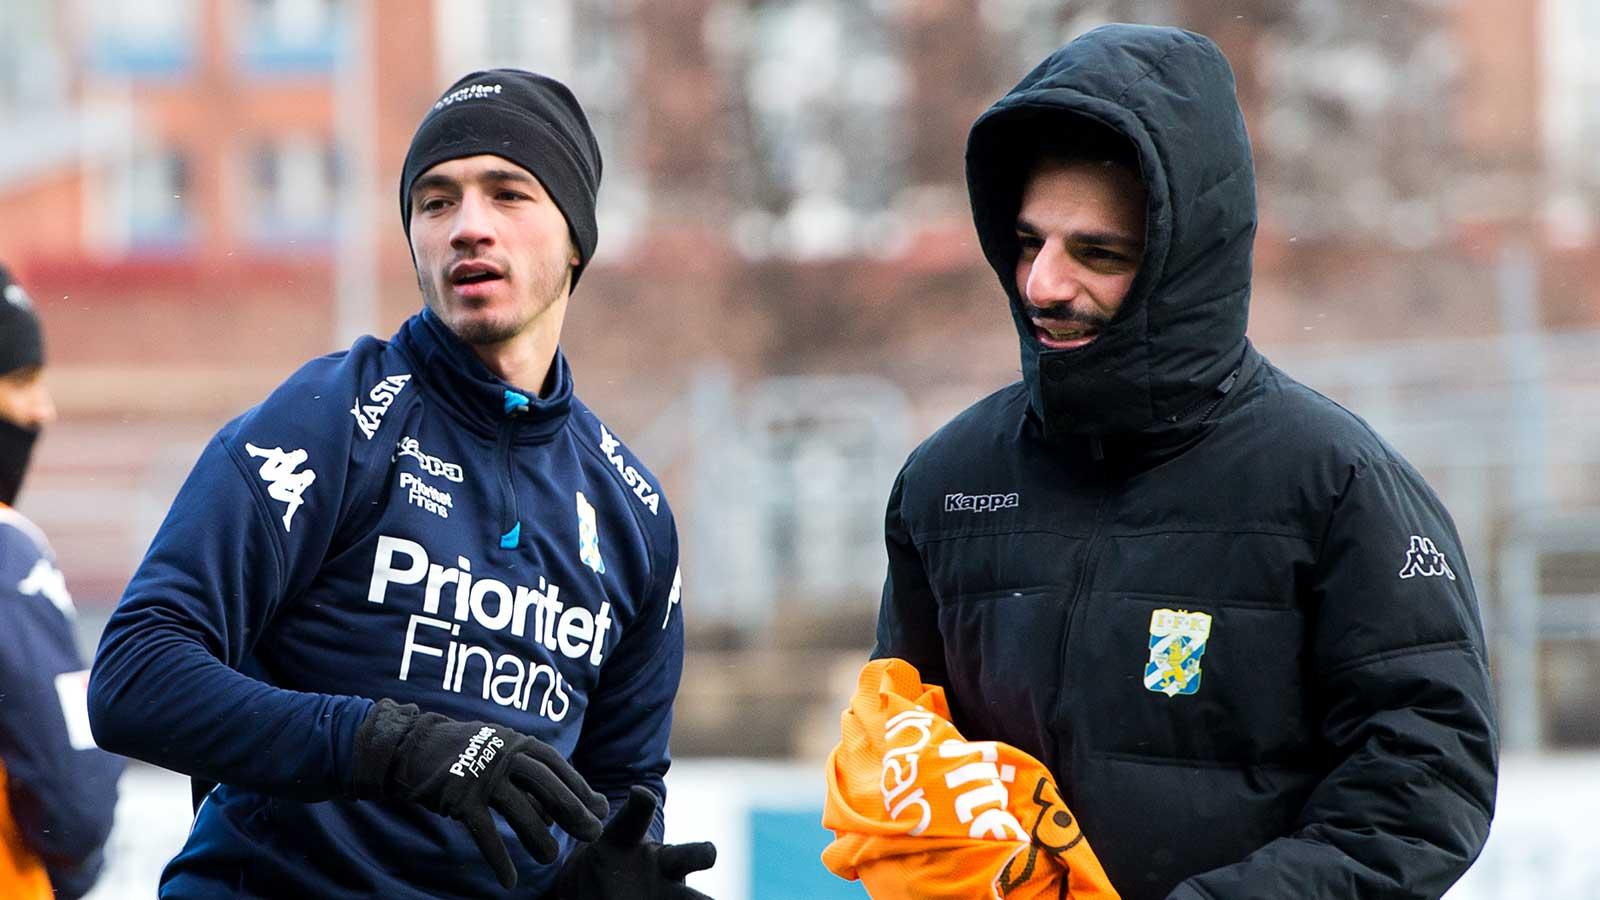 180227 Giorgi Kharaishvili och tränare Poya Asbaghi under en träning med IFK Göteborg den 27 februari 2018 i Göteborg.